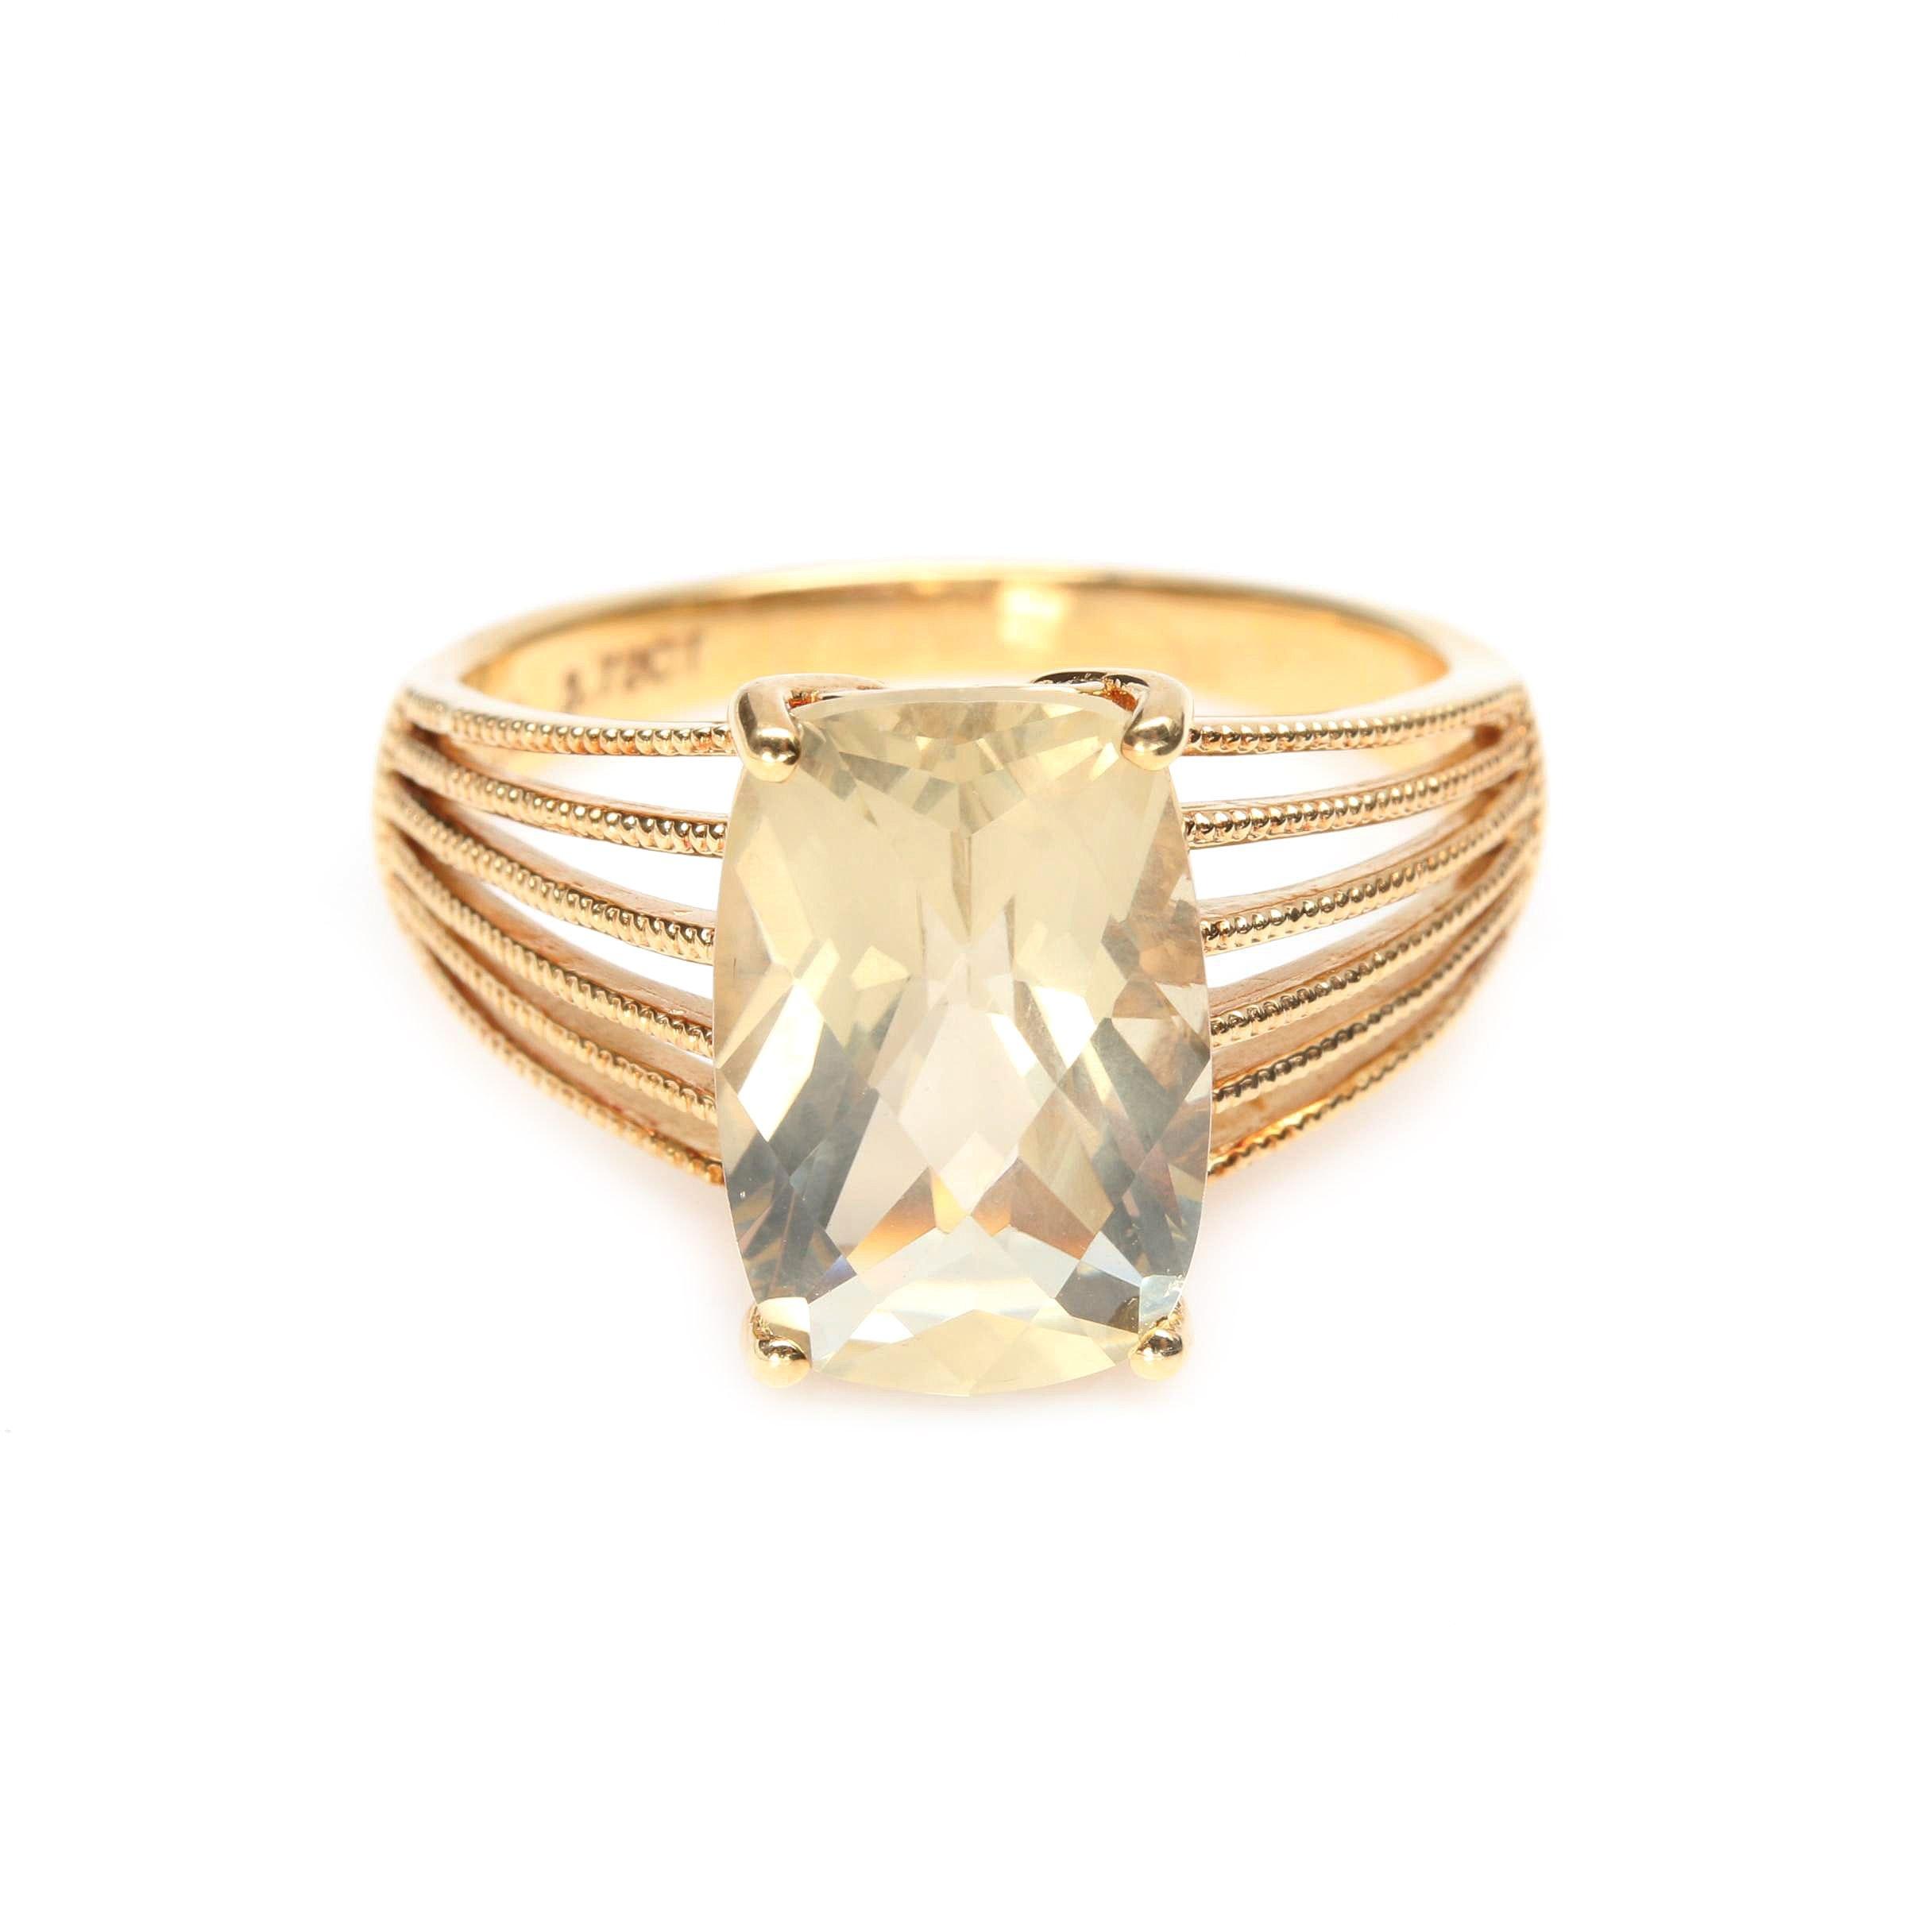 18K Yellow Gold Praseolite Ring